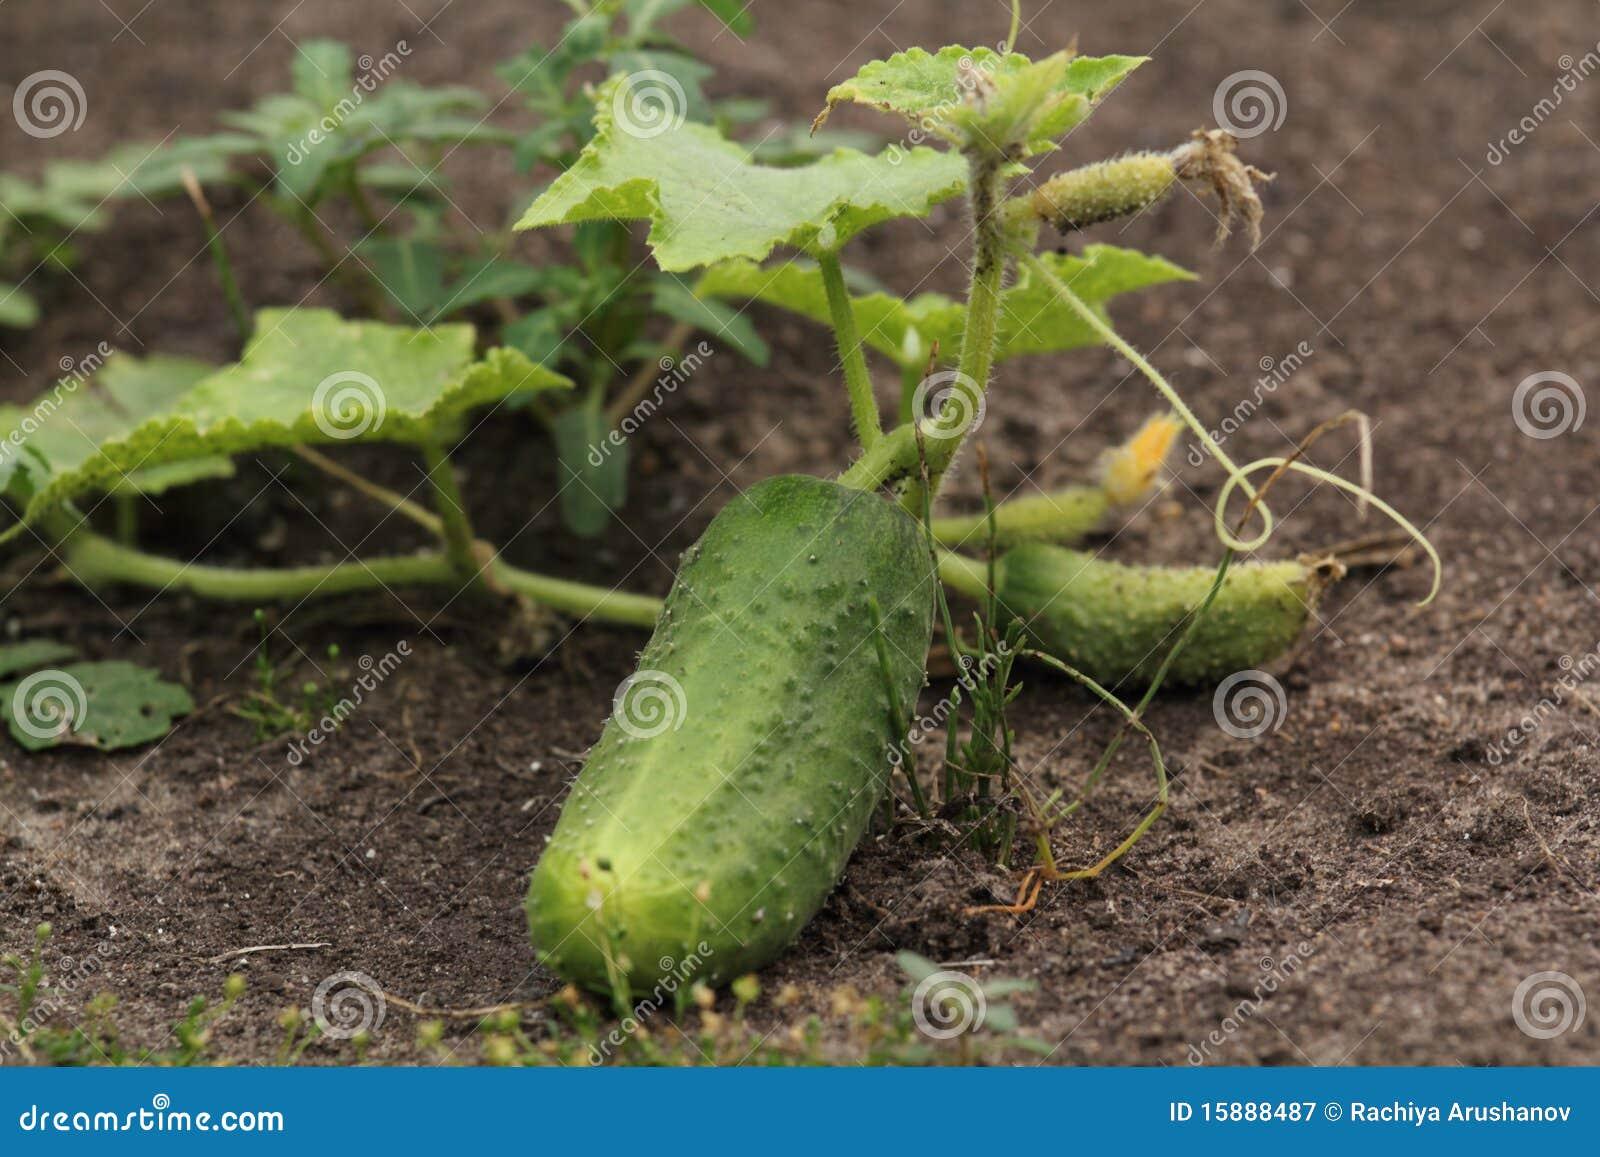 Concombre de jardin photographie stock libre de droits for Entretien concombre jardin